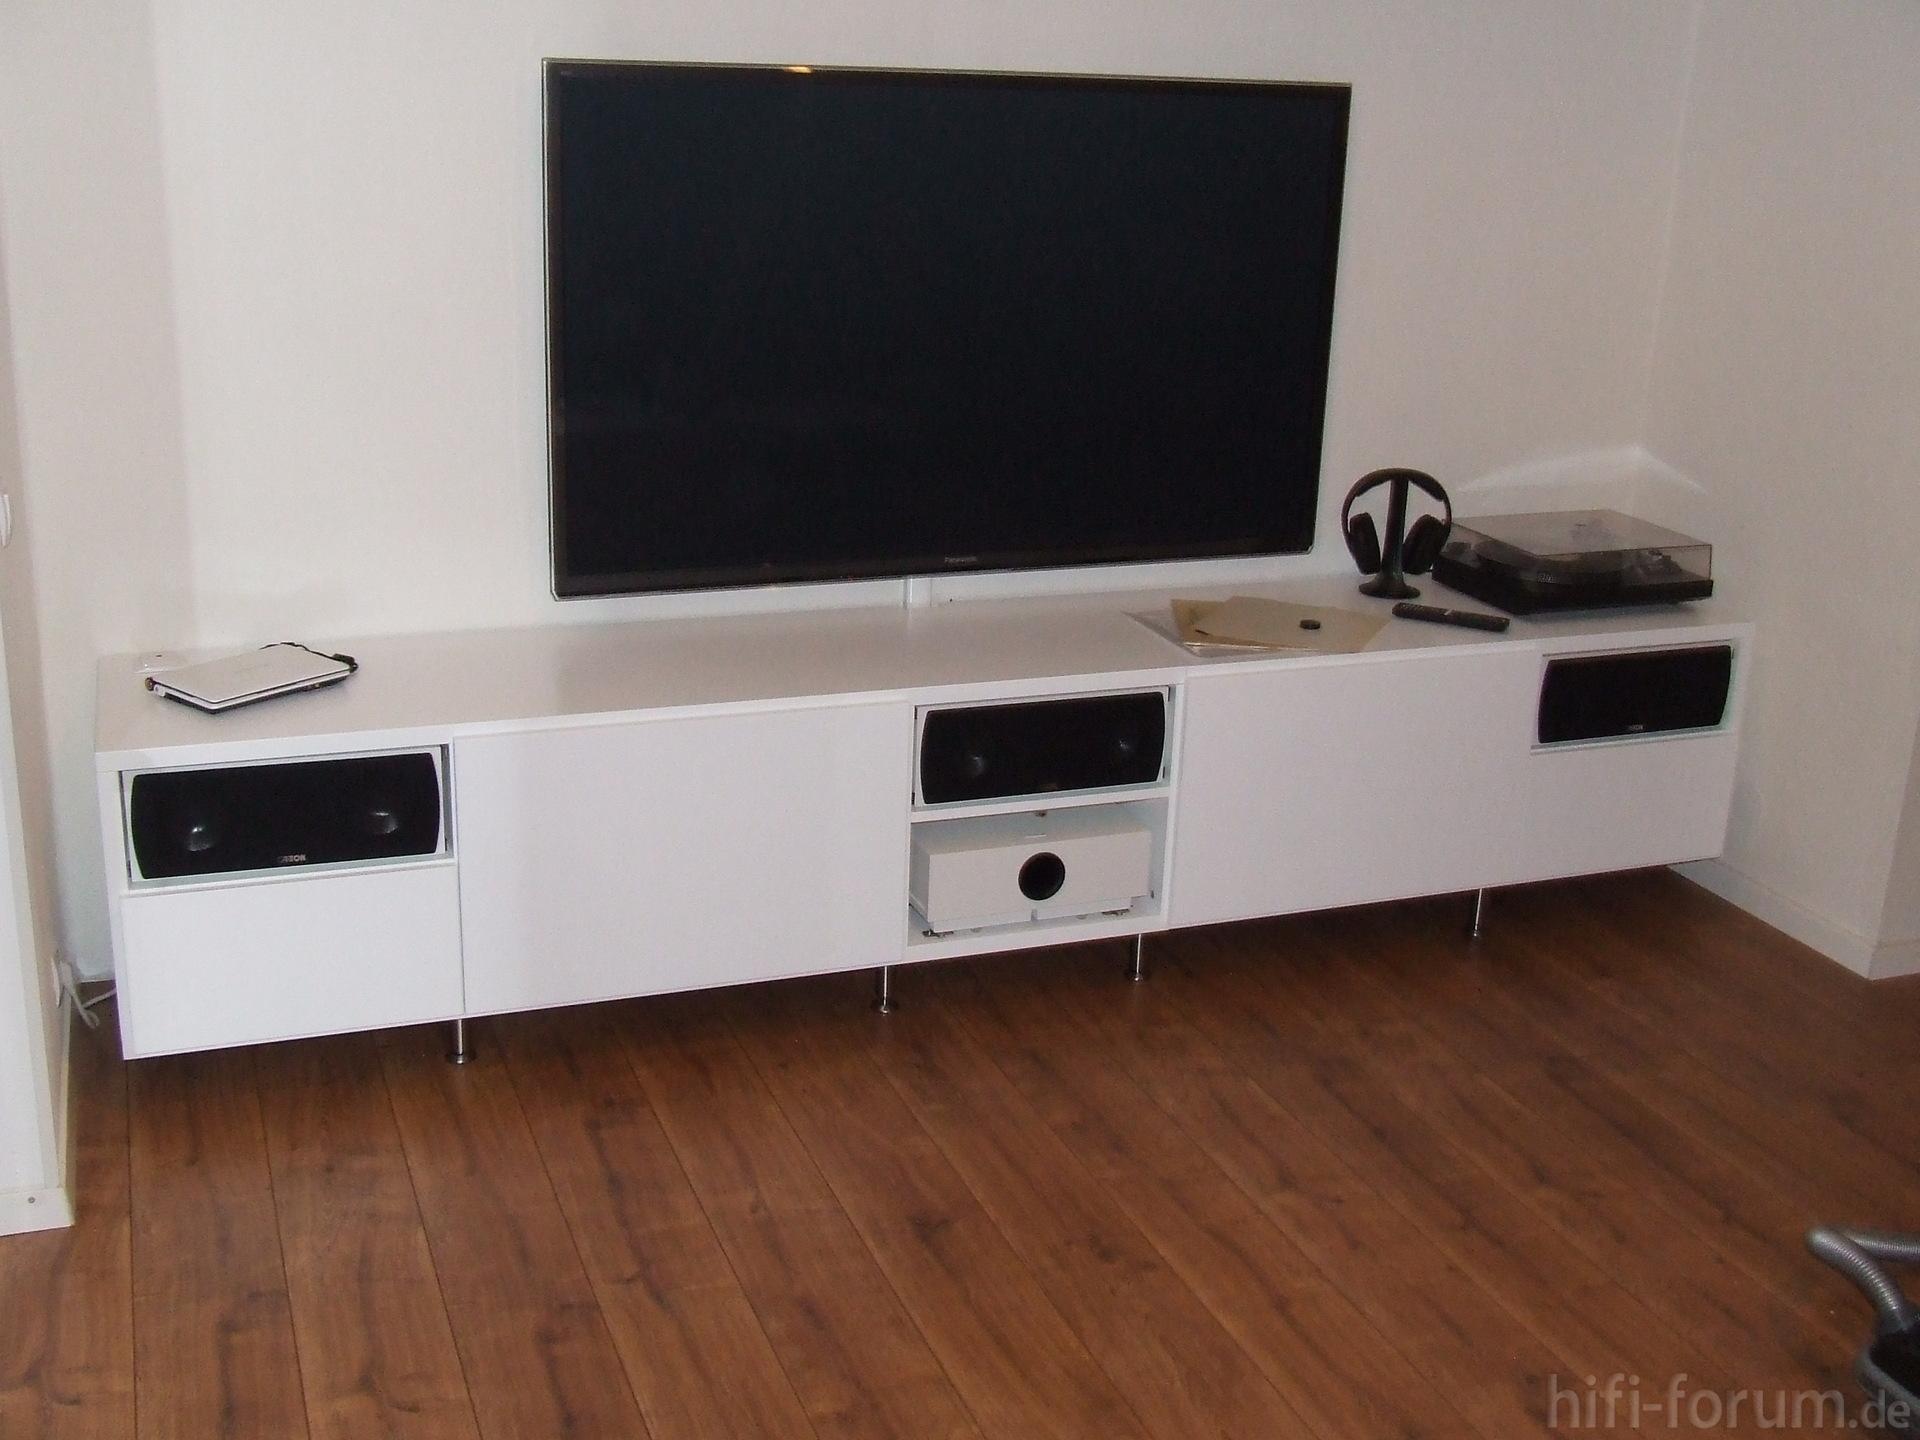 lowboard fertig fertig lowboard lowboardmassivkonzept. Black Bedroom Furniture Sets. Home Design Ideas